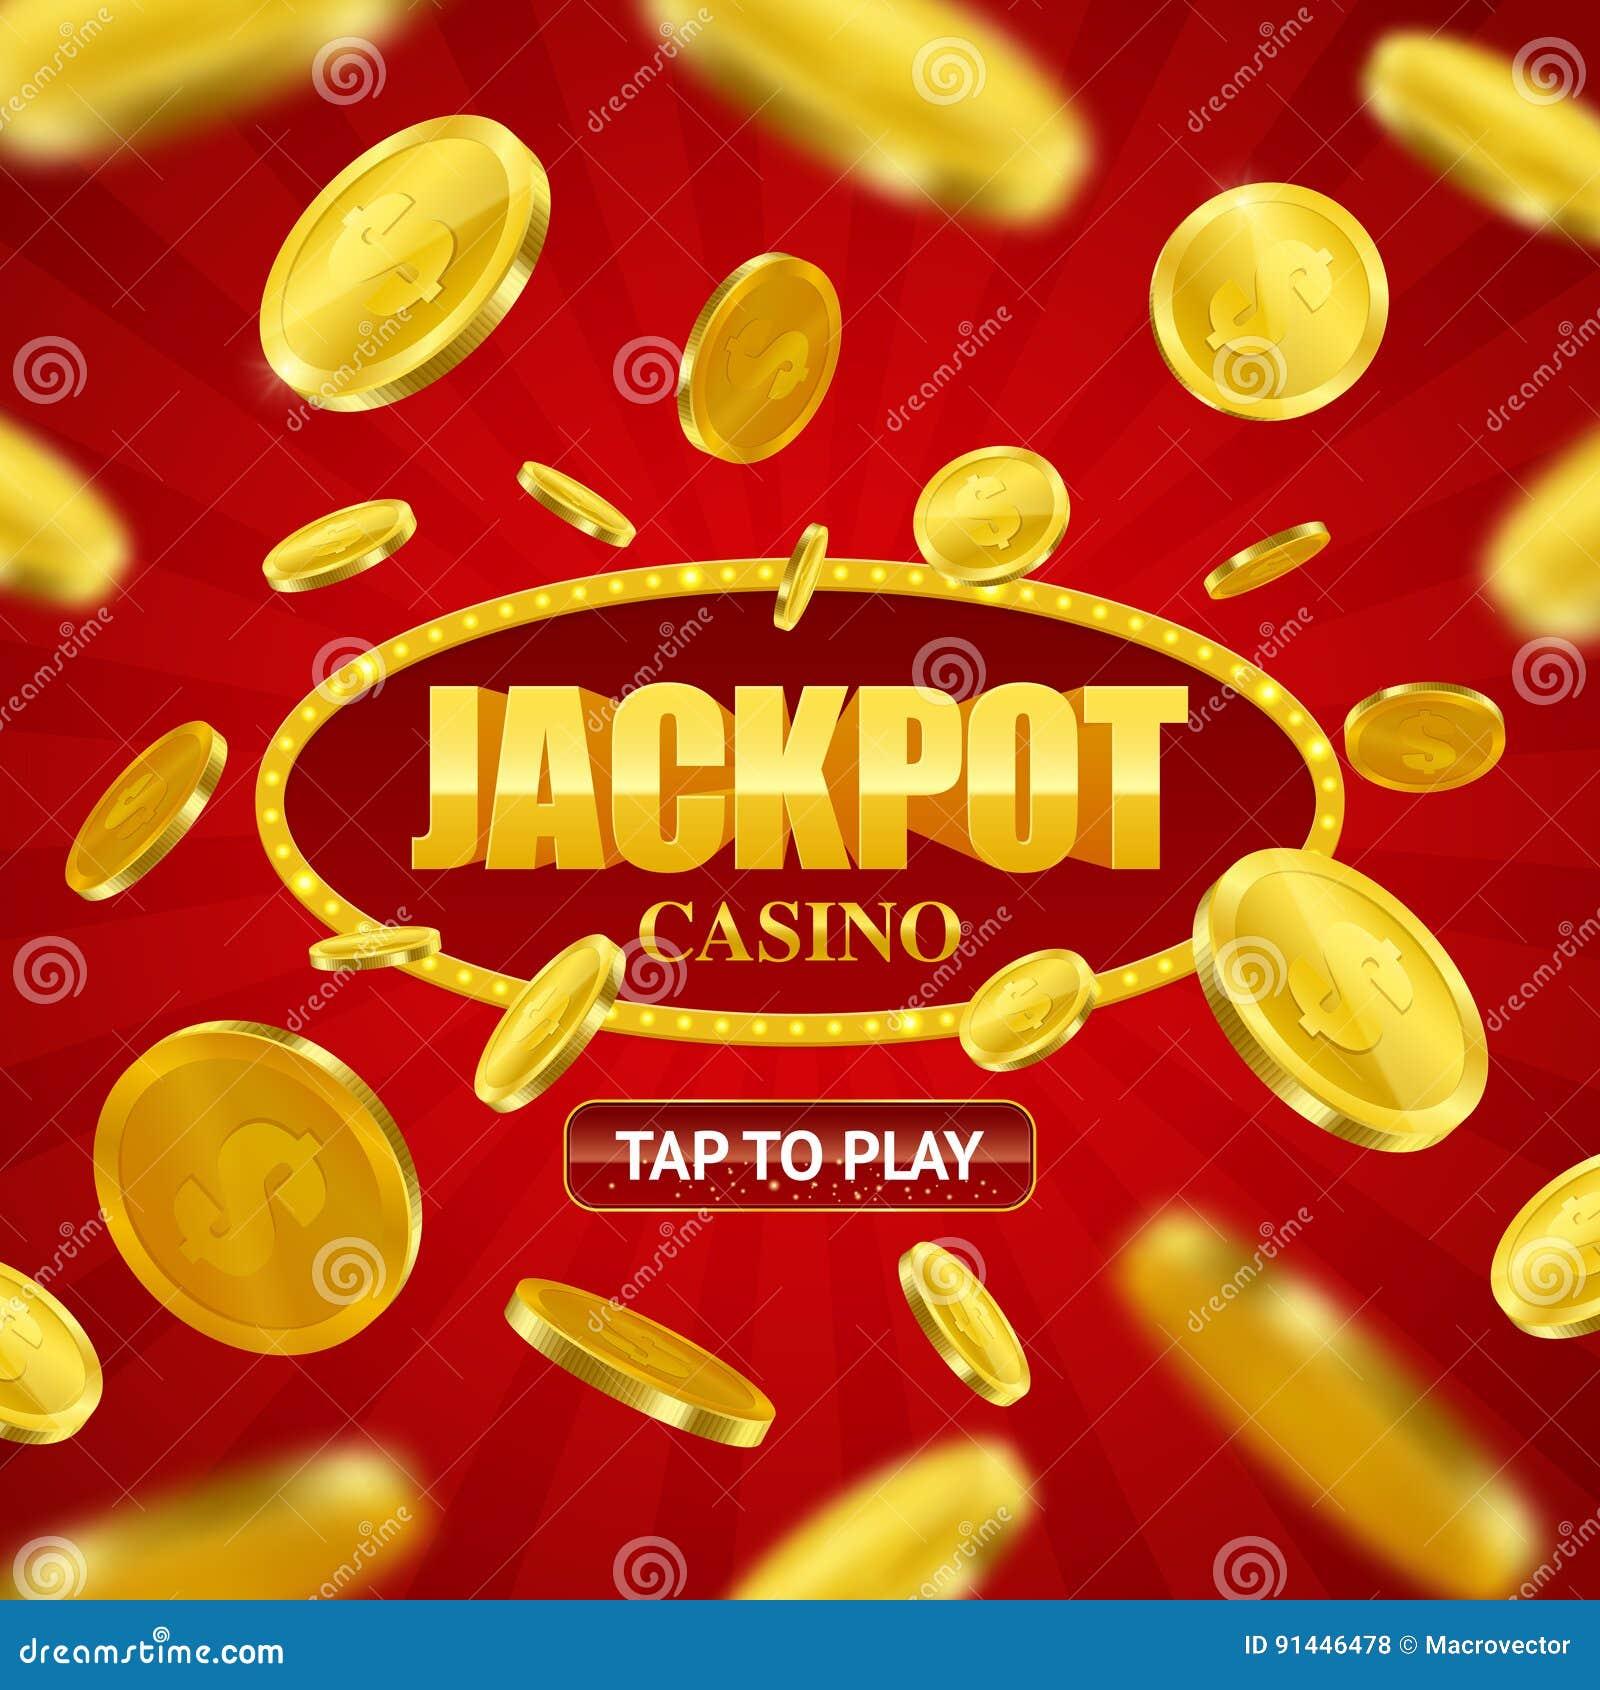 Σε απευθείας σύνδεση σχέδιο υποβάθρου χαρτοπαικτικών λεσχών τζακ ποτ